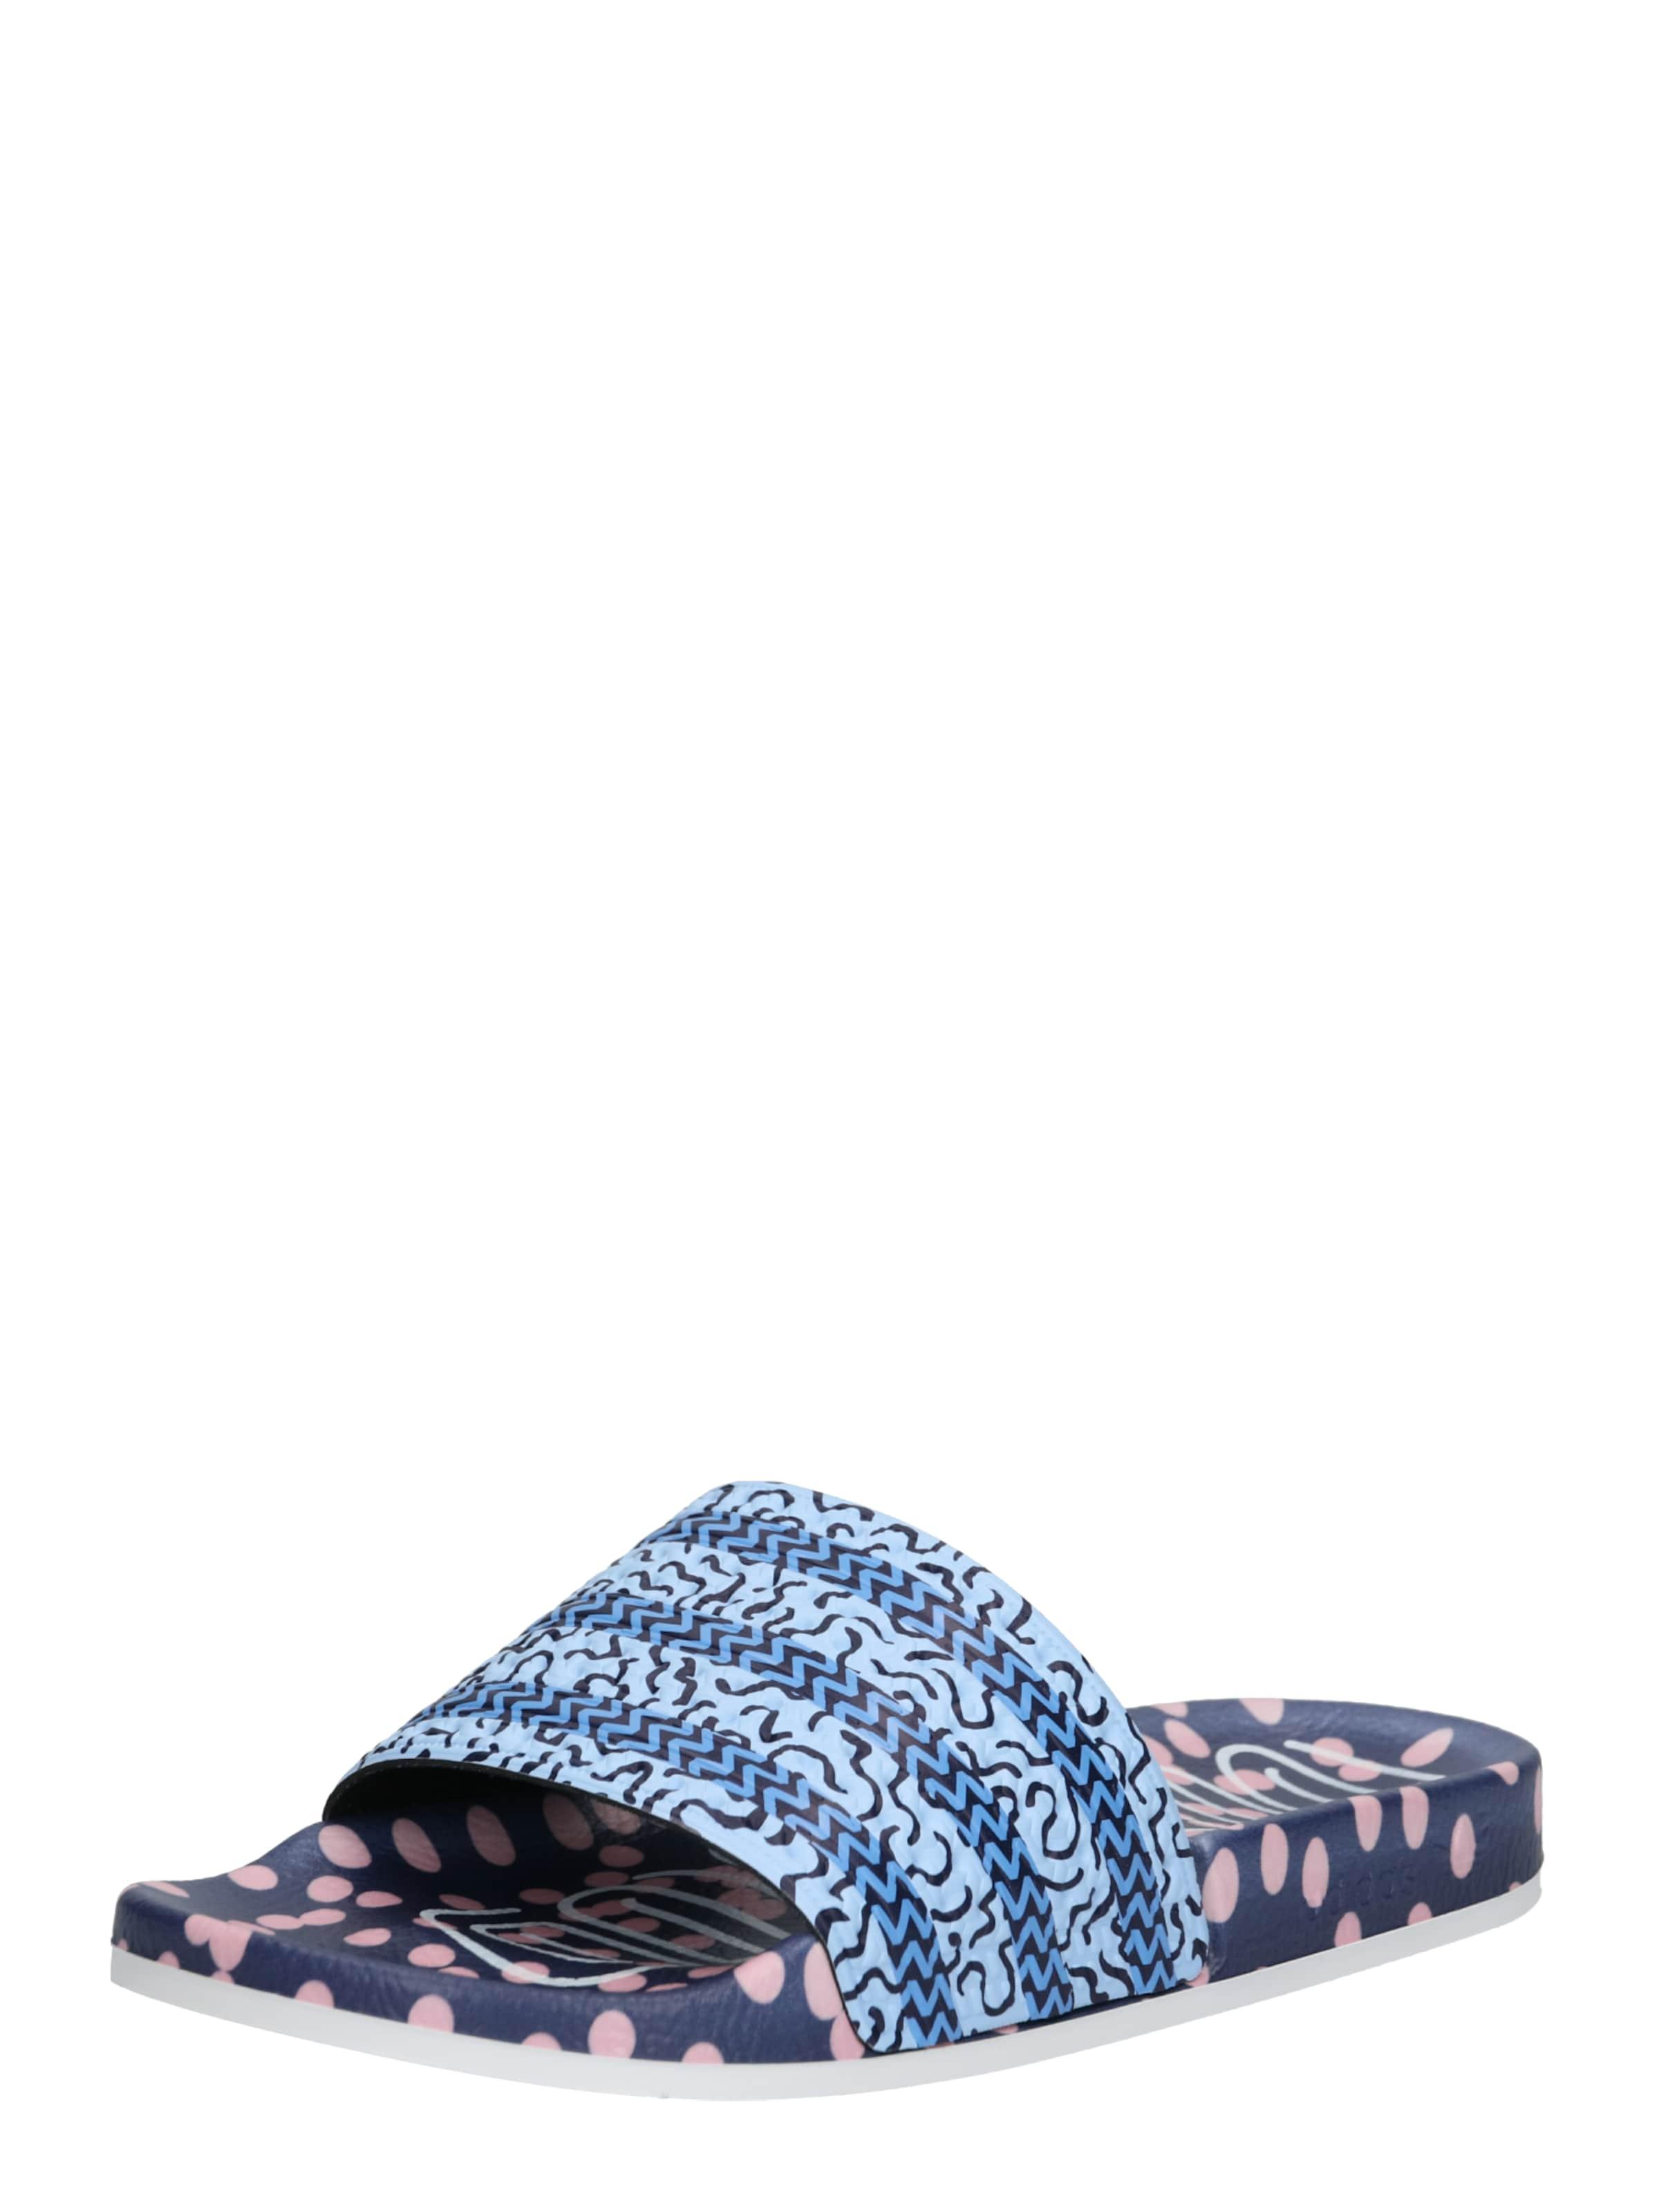 Adidas 'adilette In W' Pantolette Originals Blau w0PknO8X